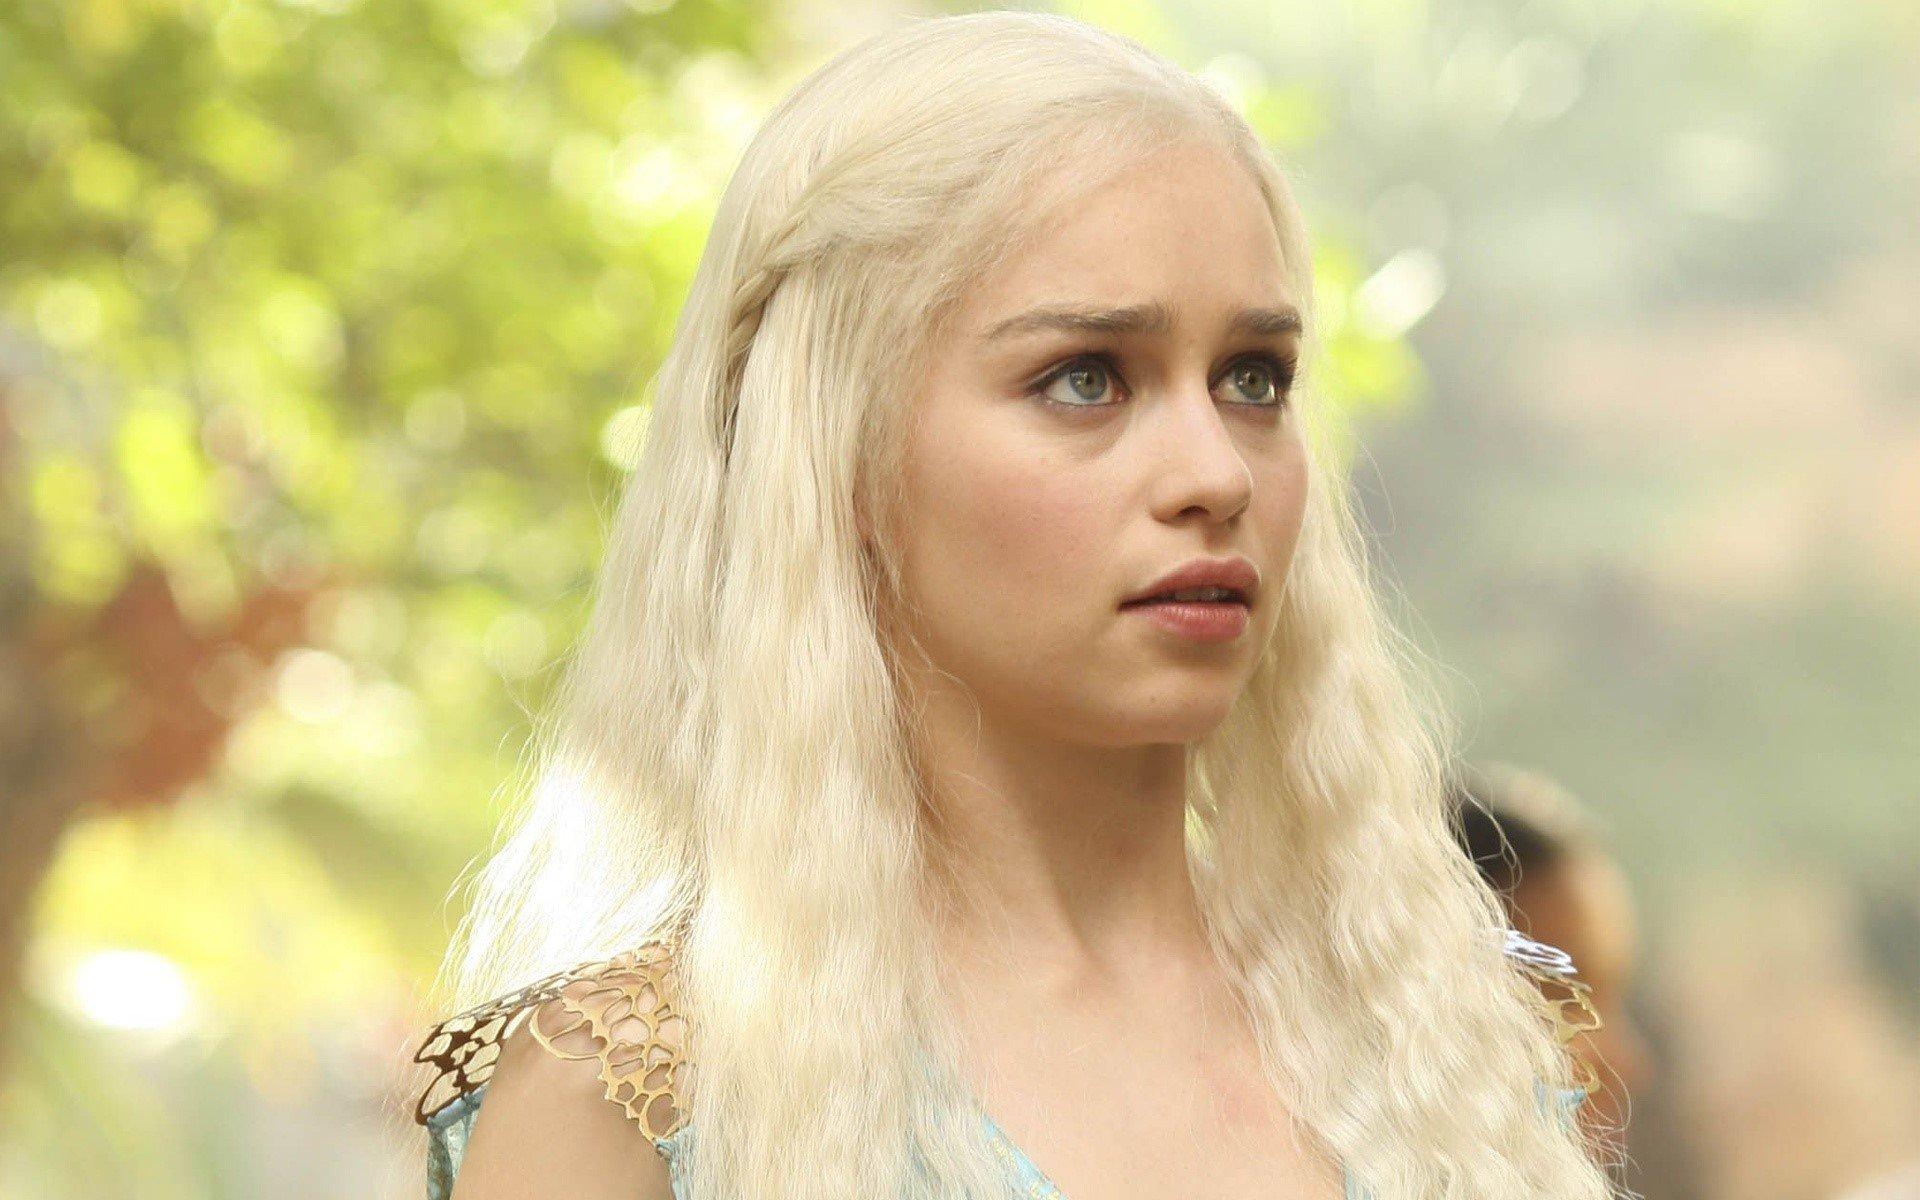 Fondos de pantalla Emilia Clarke rubia